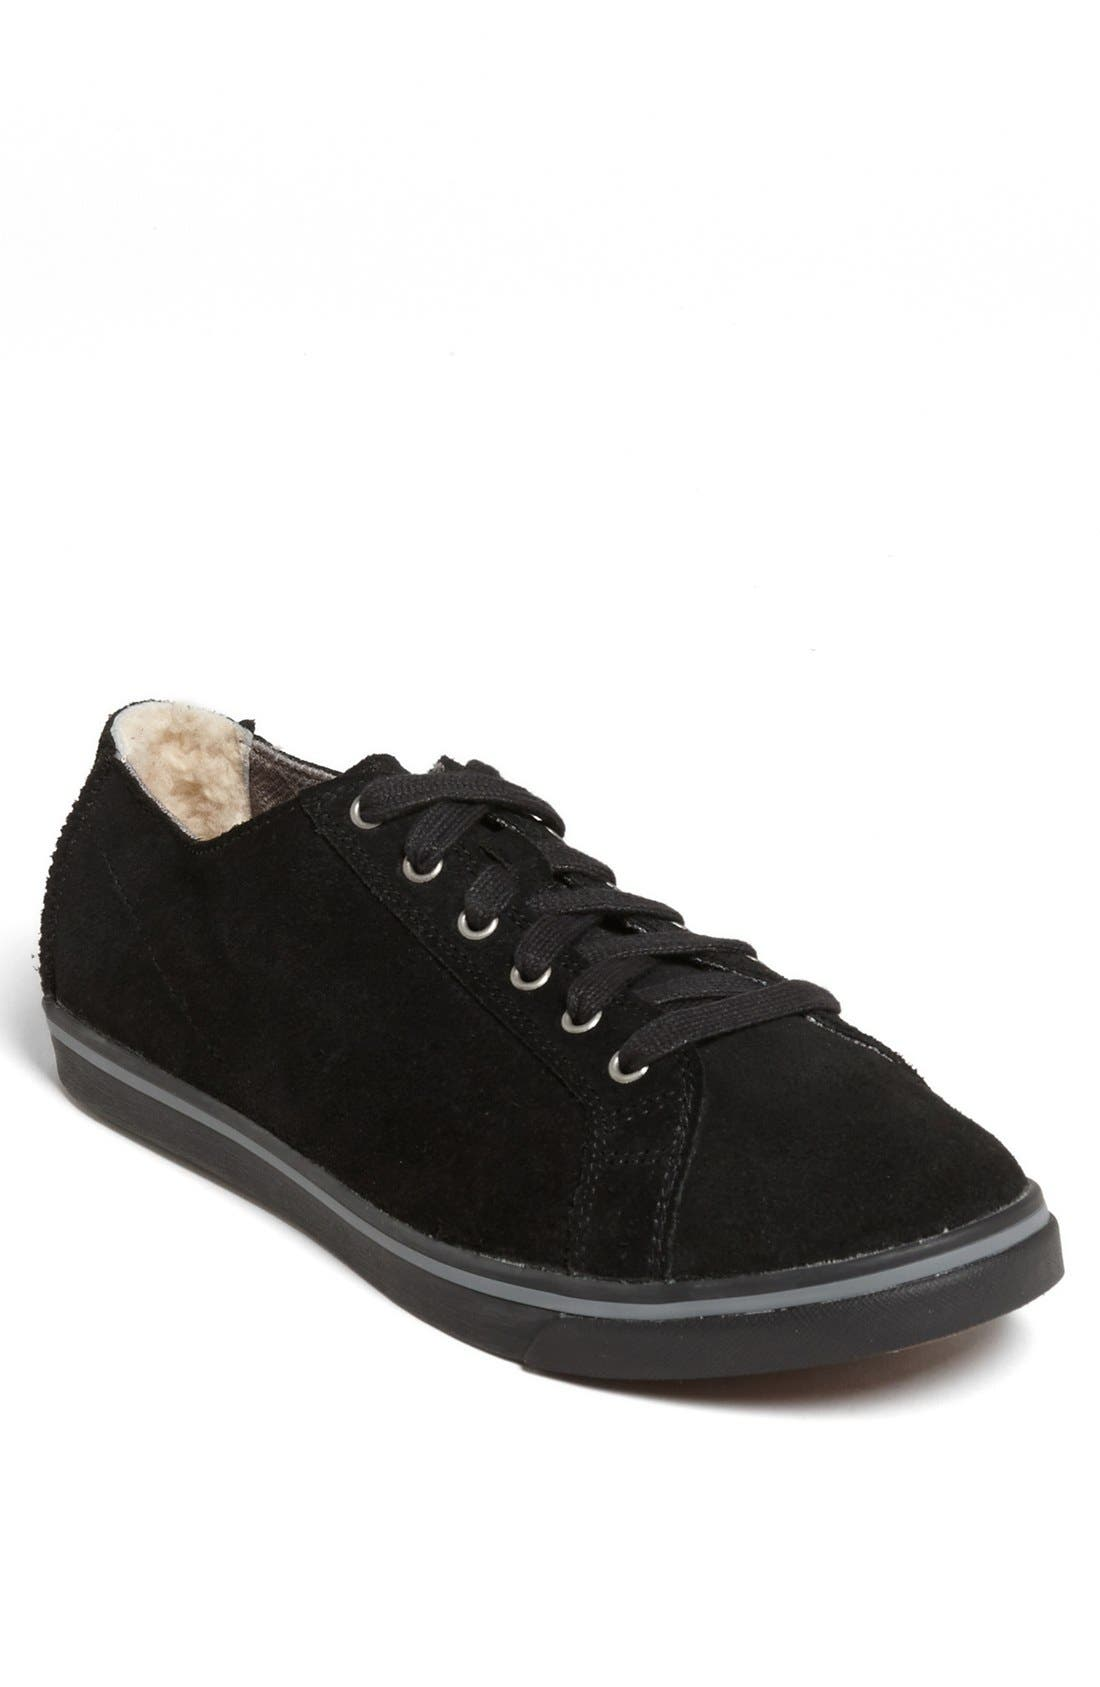 Main Image - UGG® Australia 'Vanowen' Sneaker (Men)